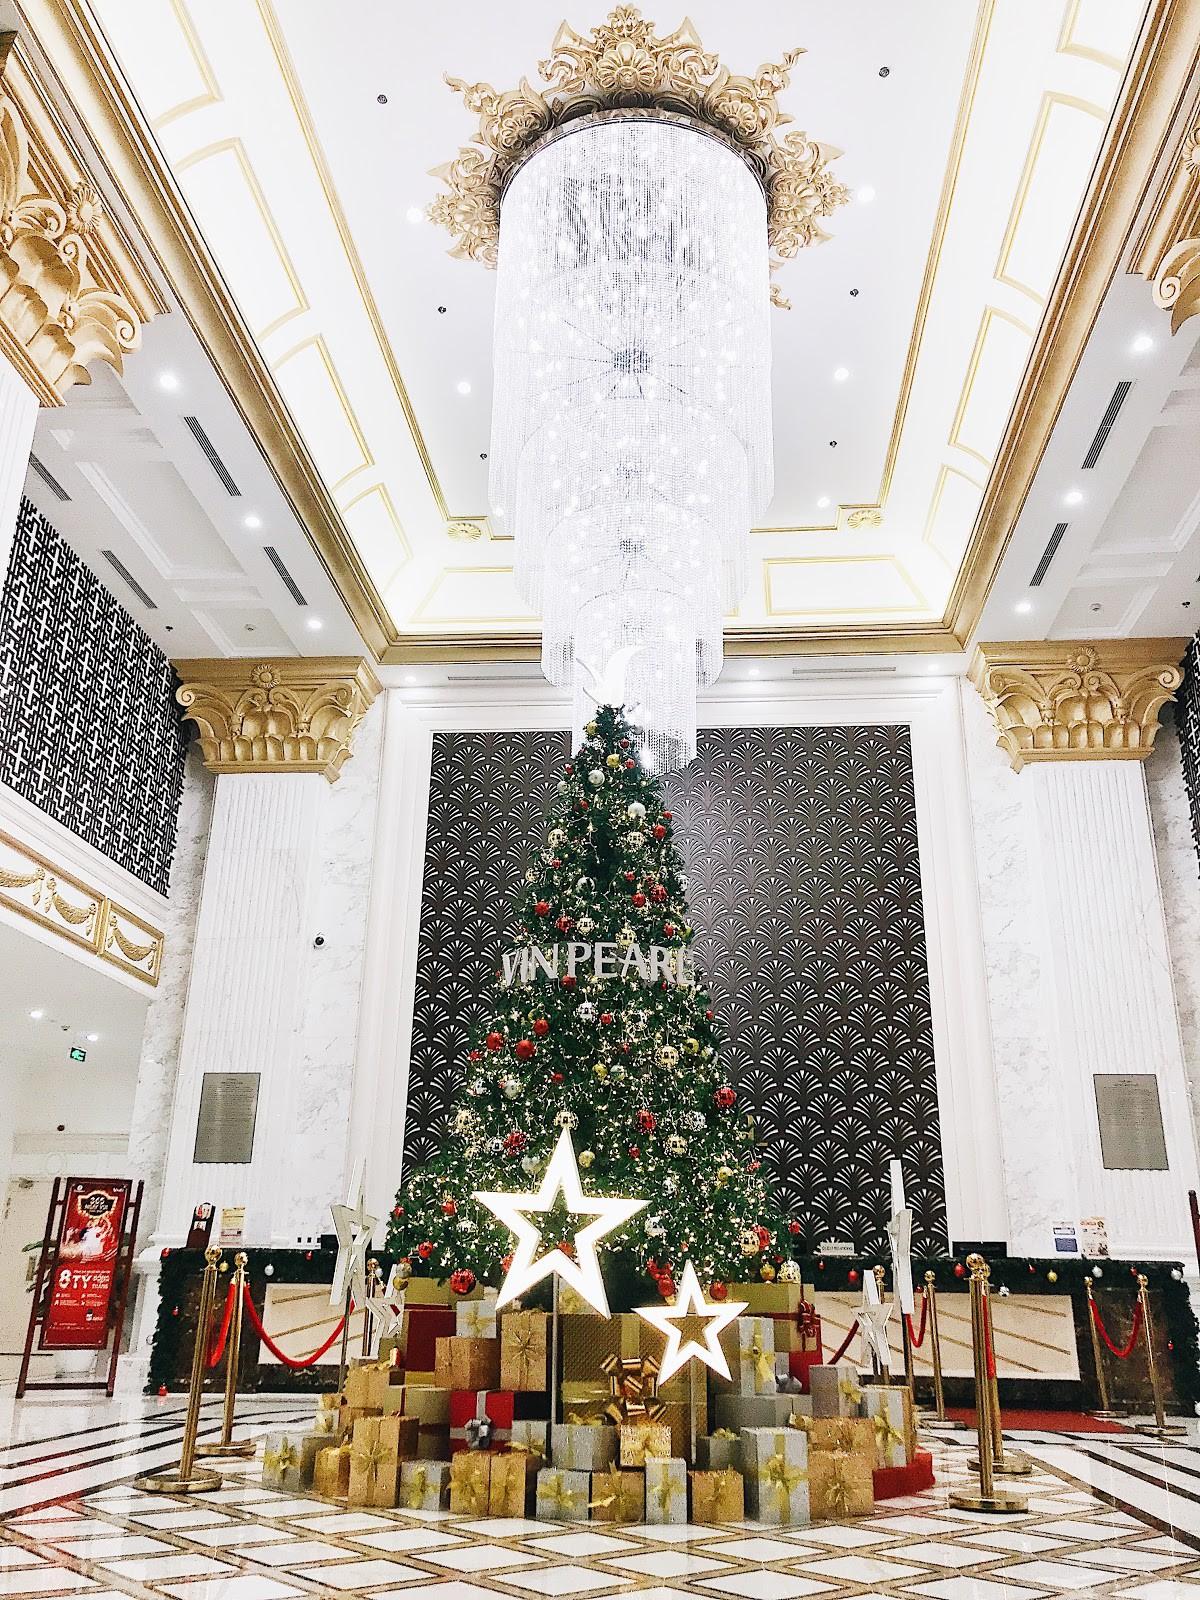 Không gian chuẩn mùa lễ hội của Vinpearl Hotels: Góc nào cũng lung linh, đã vậy còn được thưởng thức bữa tối với view ngàn sao! - Ảnh 7.